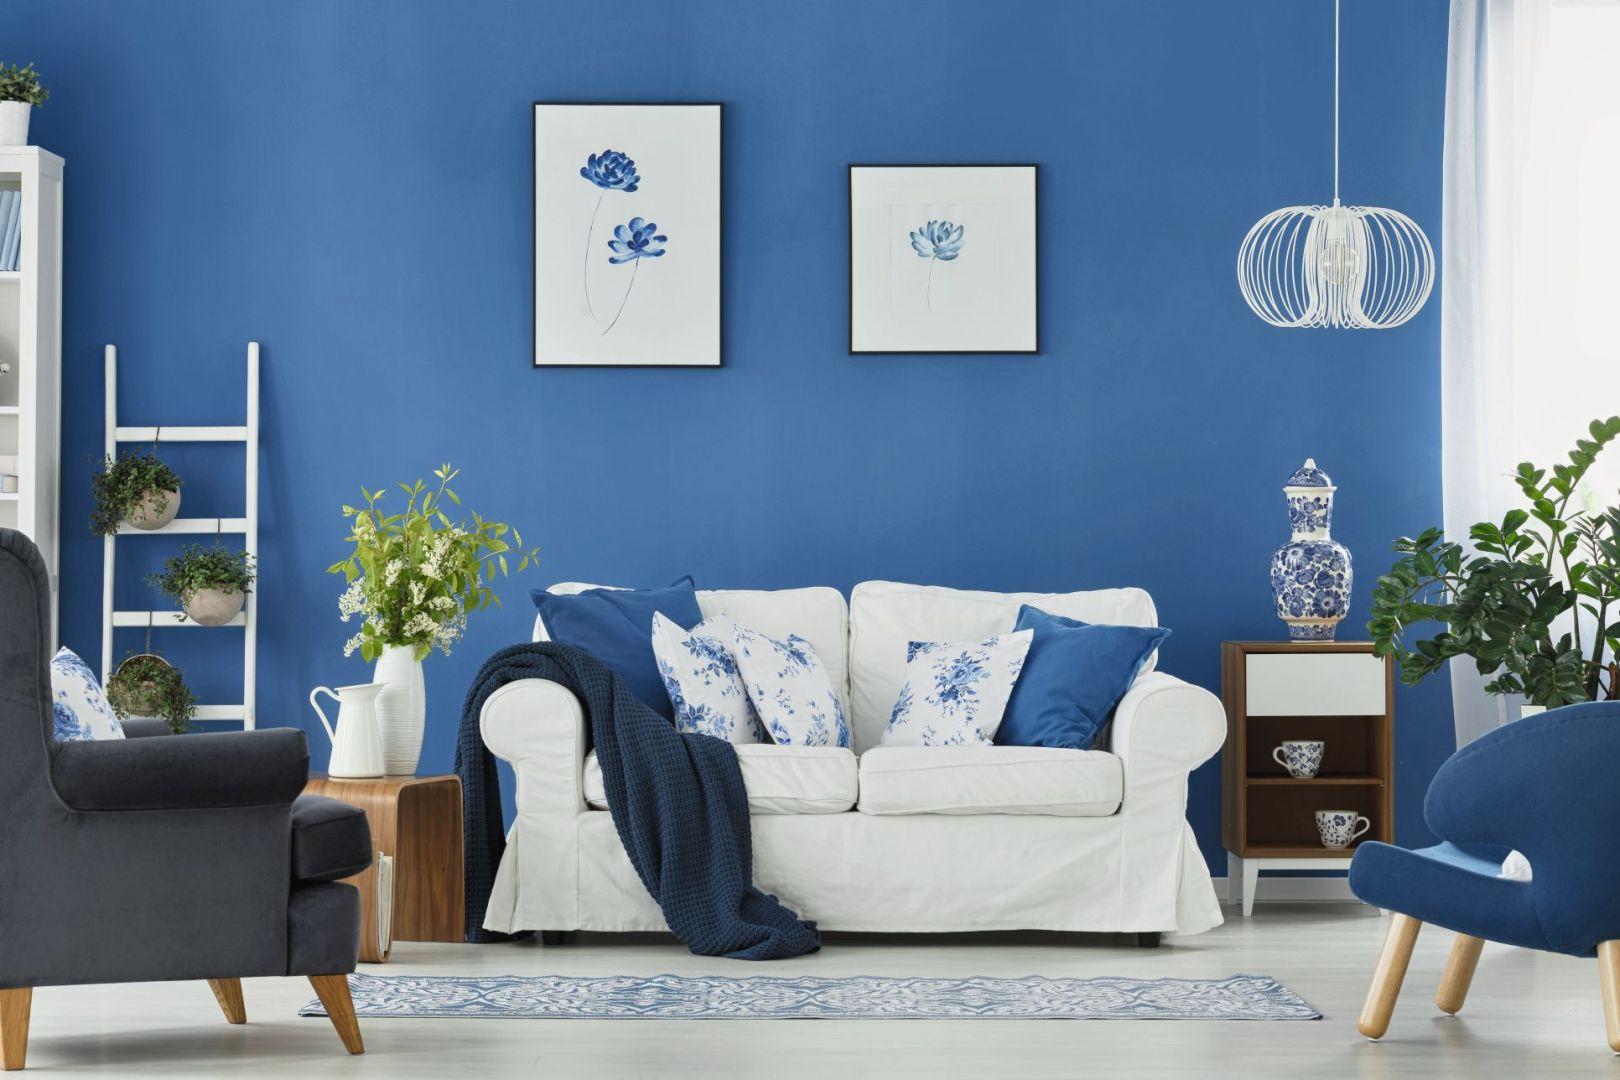 Farba Jedynka Deco&Protect MORSKI KLIMAT pozwoli przenieść się myślami nad wodę. Błękit w duecie z klasyczną bielą niesie skojarzenia ze spienionym falami morzem, przynosząc prawdziwe orzeźwienie. Cena: ok. 64 zł/5 l. Jedynka, farbyjedynka.pl